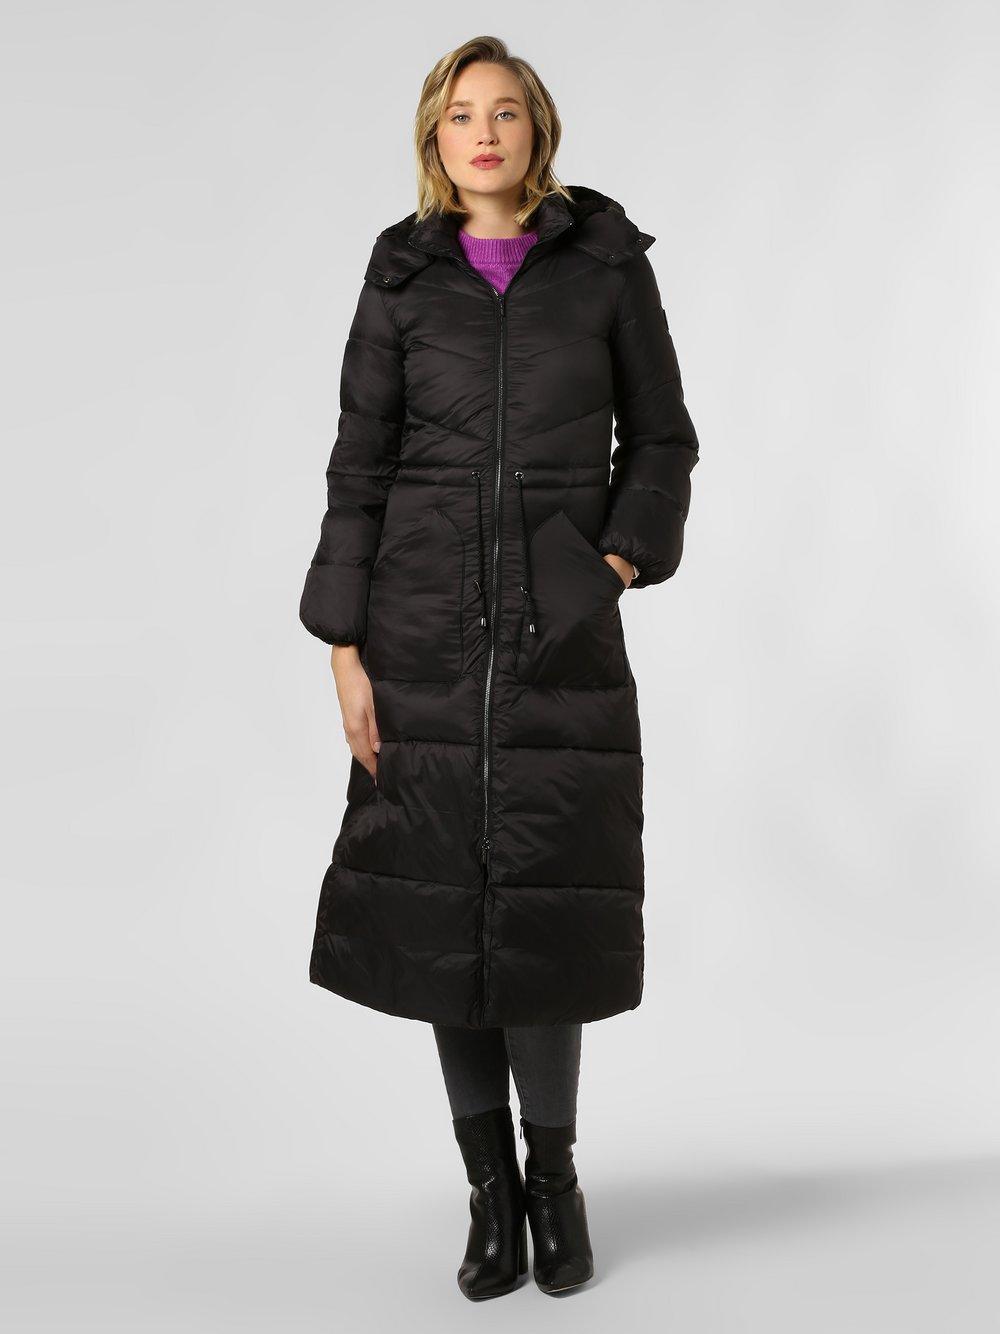 Armani Exchange - Damski płaszcz pikowany, czarny